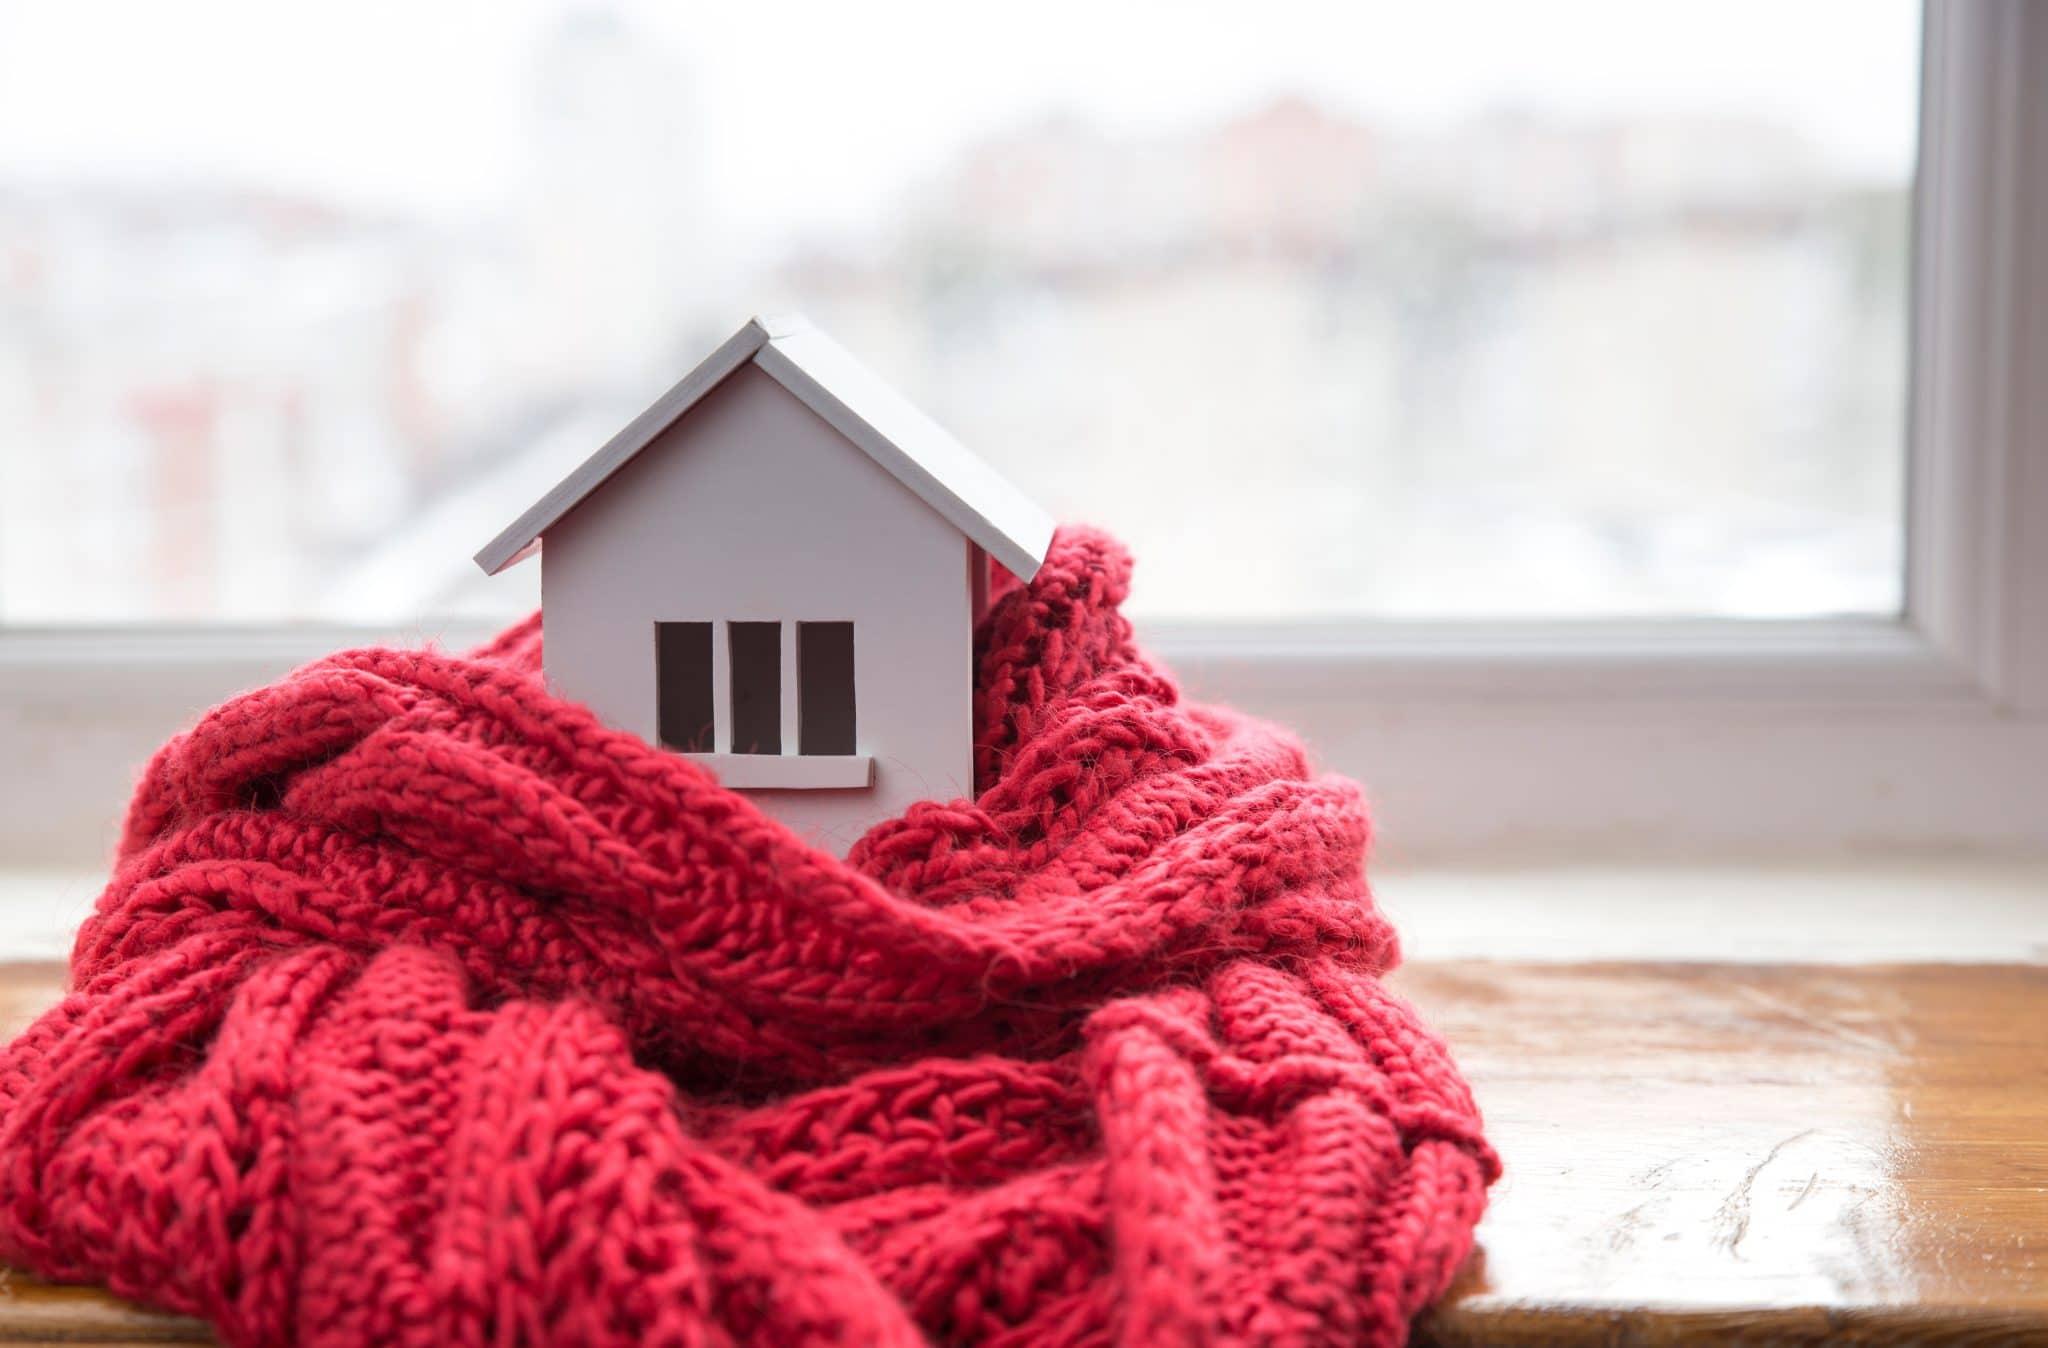 Comment choisir entre isolation par l'intérieur et par l'extérieur pour son logement ?